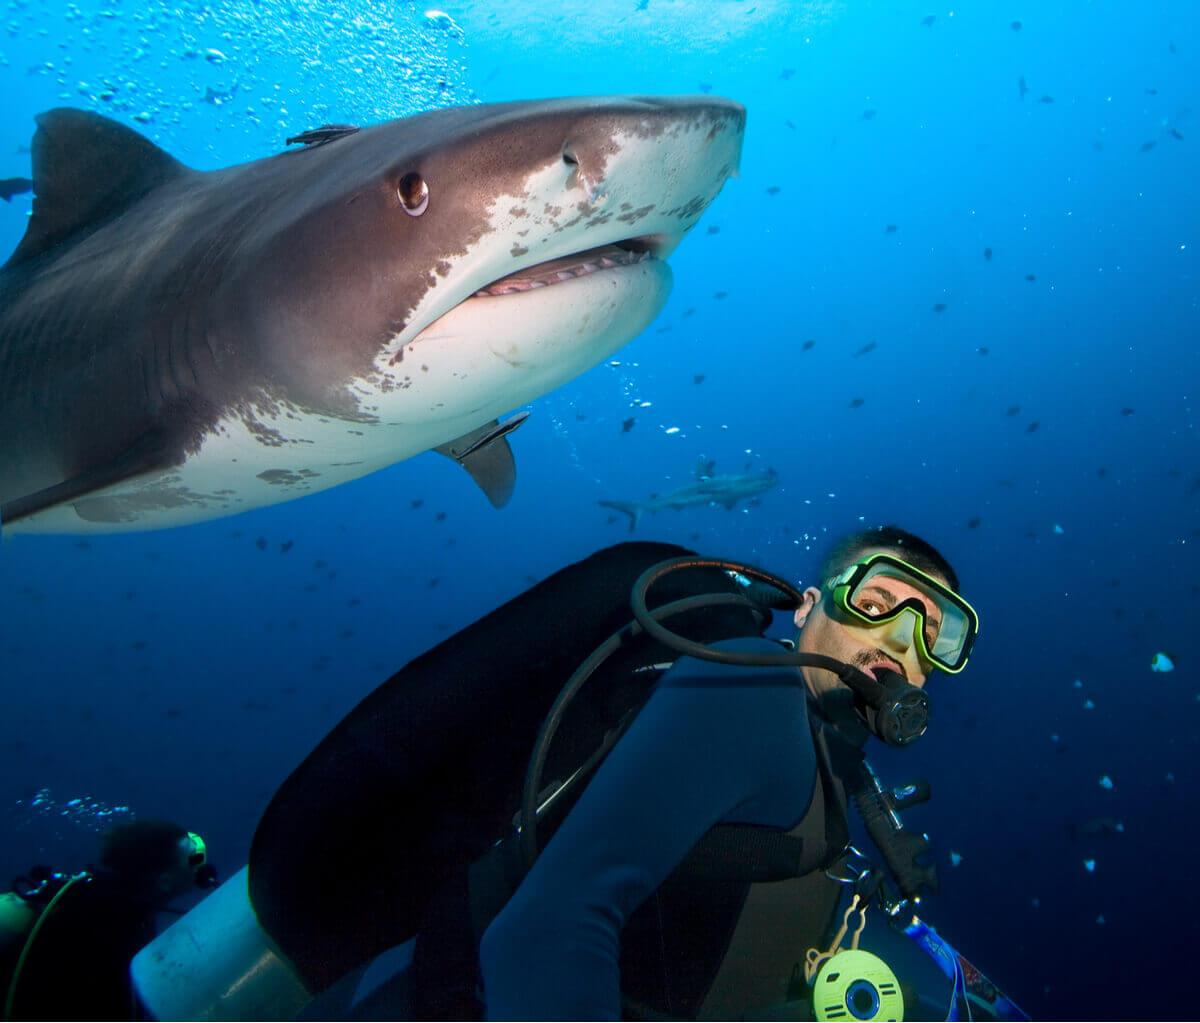 tubarões e arraias em perigo de extinção